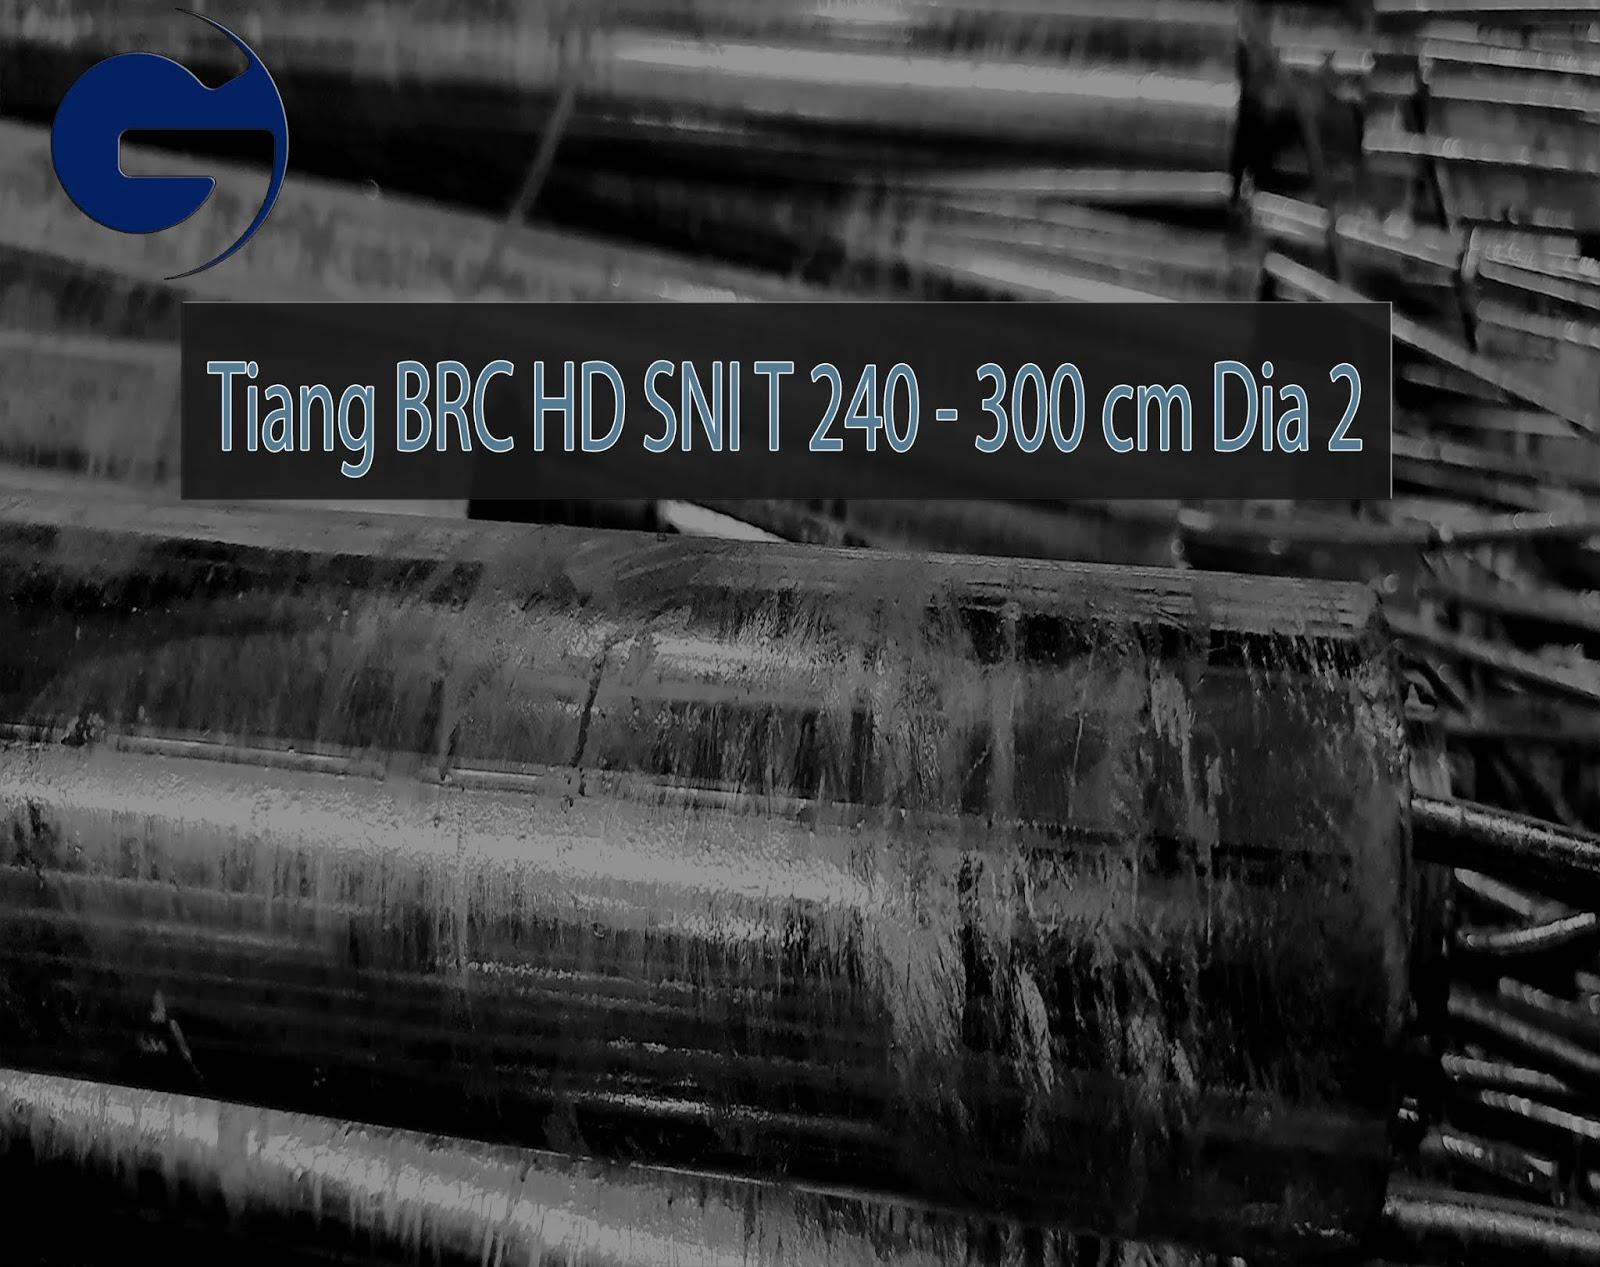 Jual Tiang BRC HDG SNI T 300 CM Dia 2 Inch